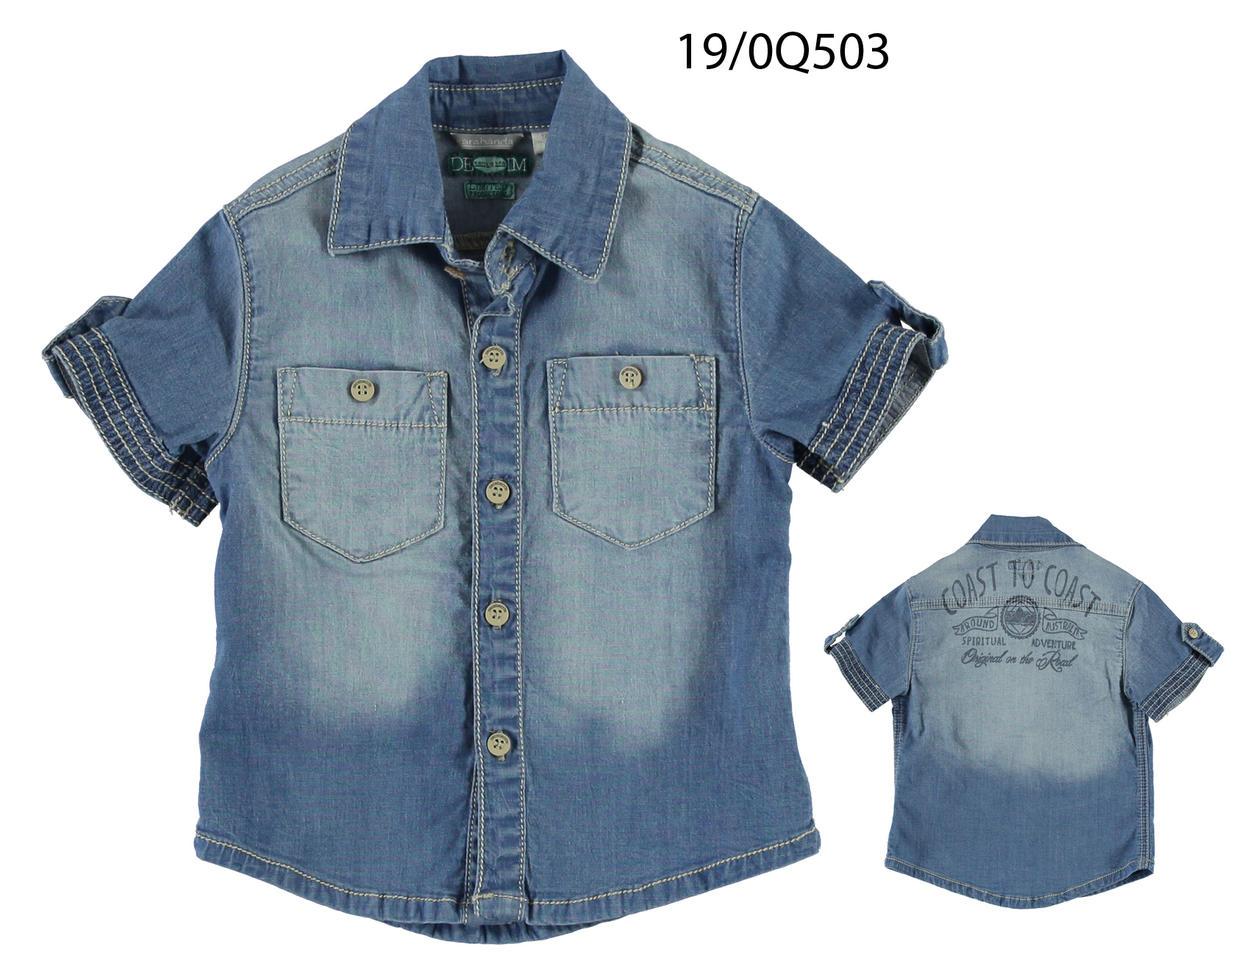 1b363697a1 Camicia a manica corta in jeans elasticizzato lavato per bambino da 6 mesi  a 7 anni Sarabanda